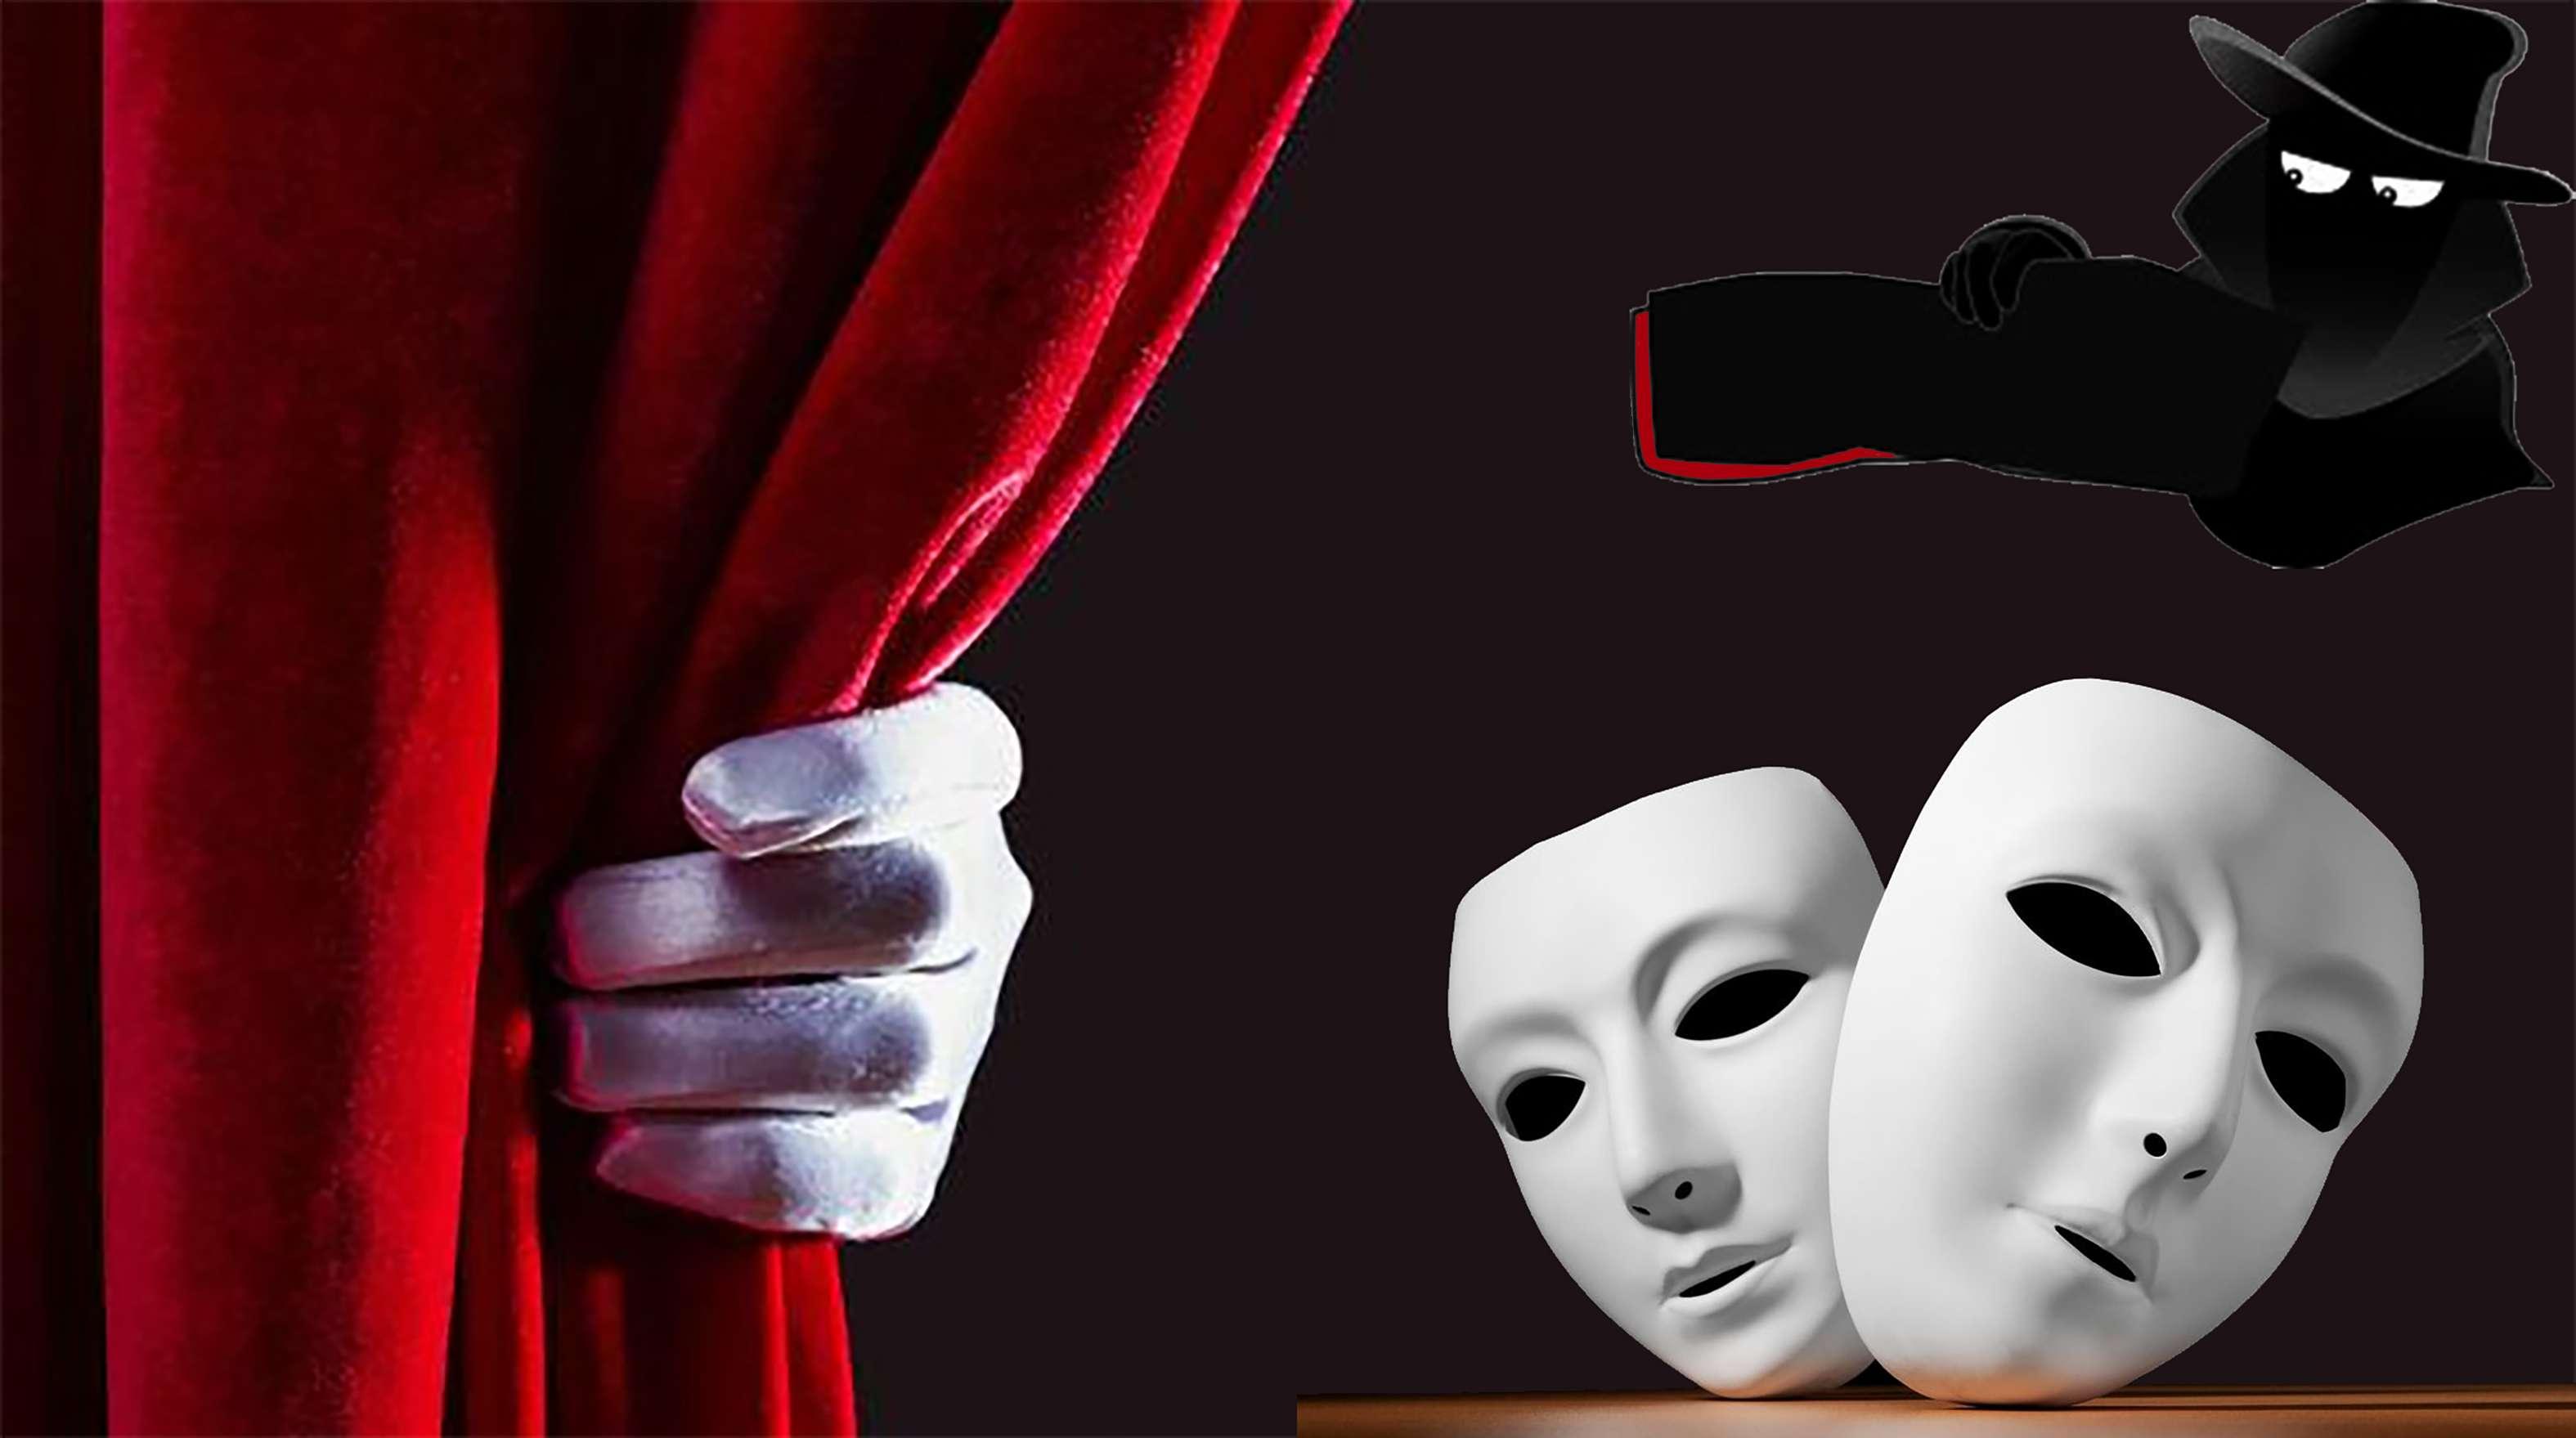 Θέατρο Ποιος είναι ο «βούρκος» Μίλησε κλαις Όχι δε λες Μήπως πεινάς Και τι να φας